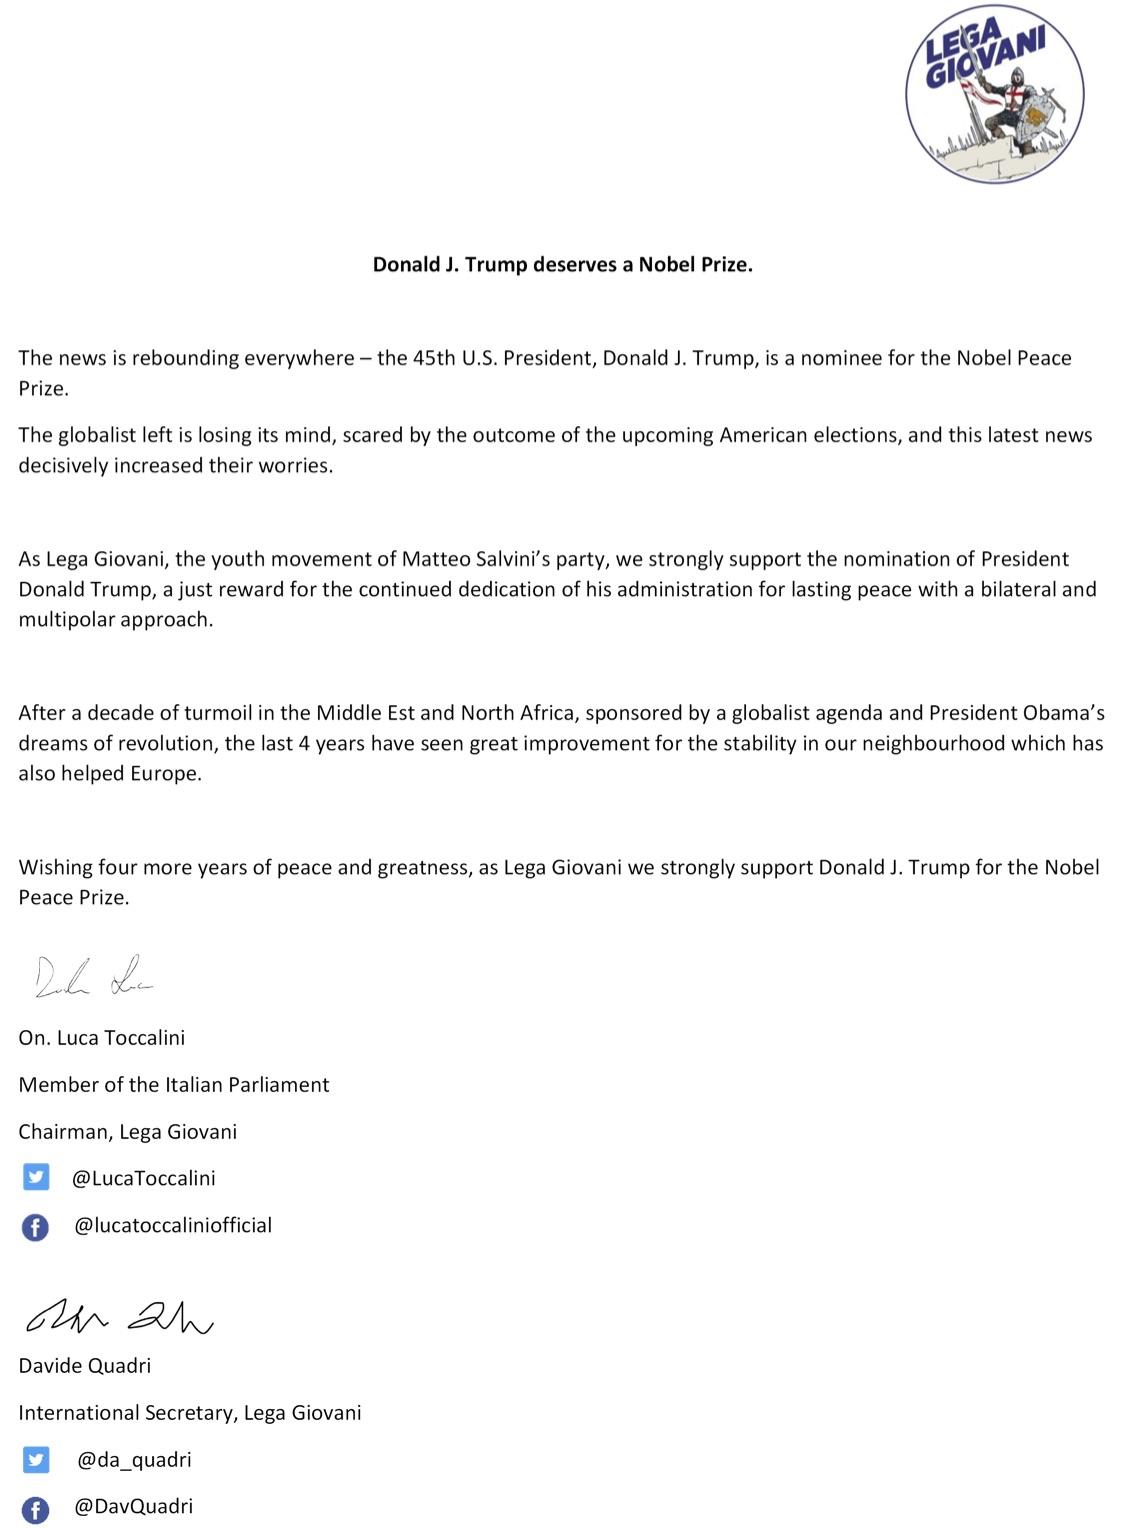 Lega Giovani Endorse President Trump for Nobel Peace Prize